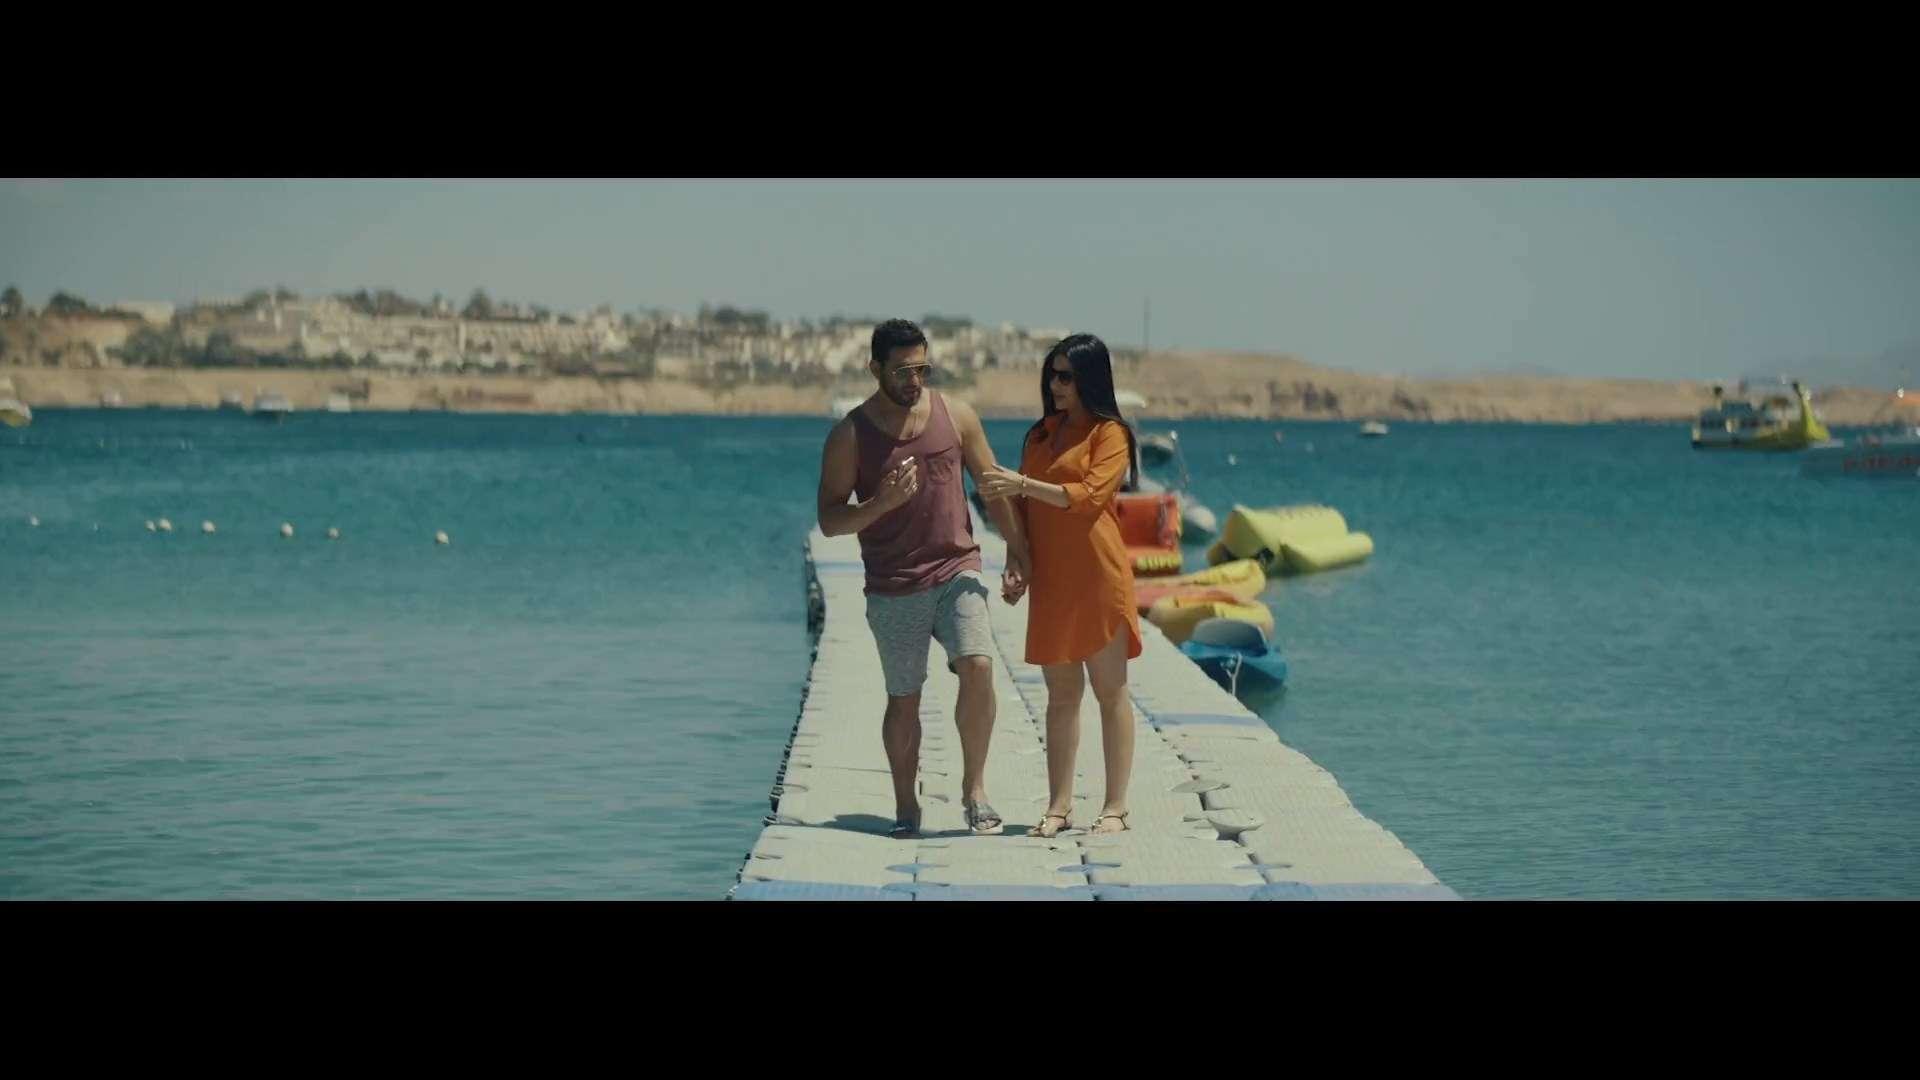 الزوجة 18 [ كامل ] 1080p تحميل تورنت 7 arabp2p.com